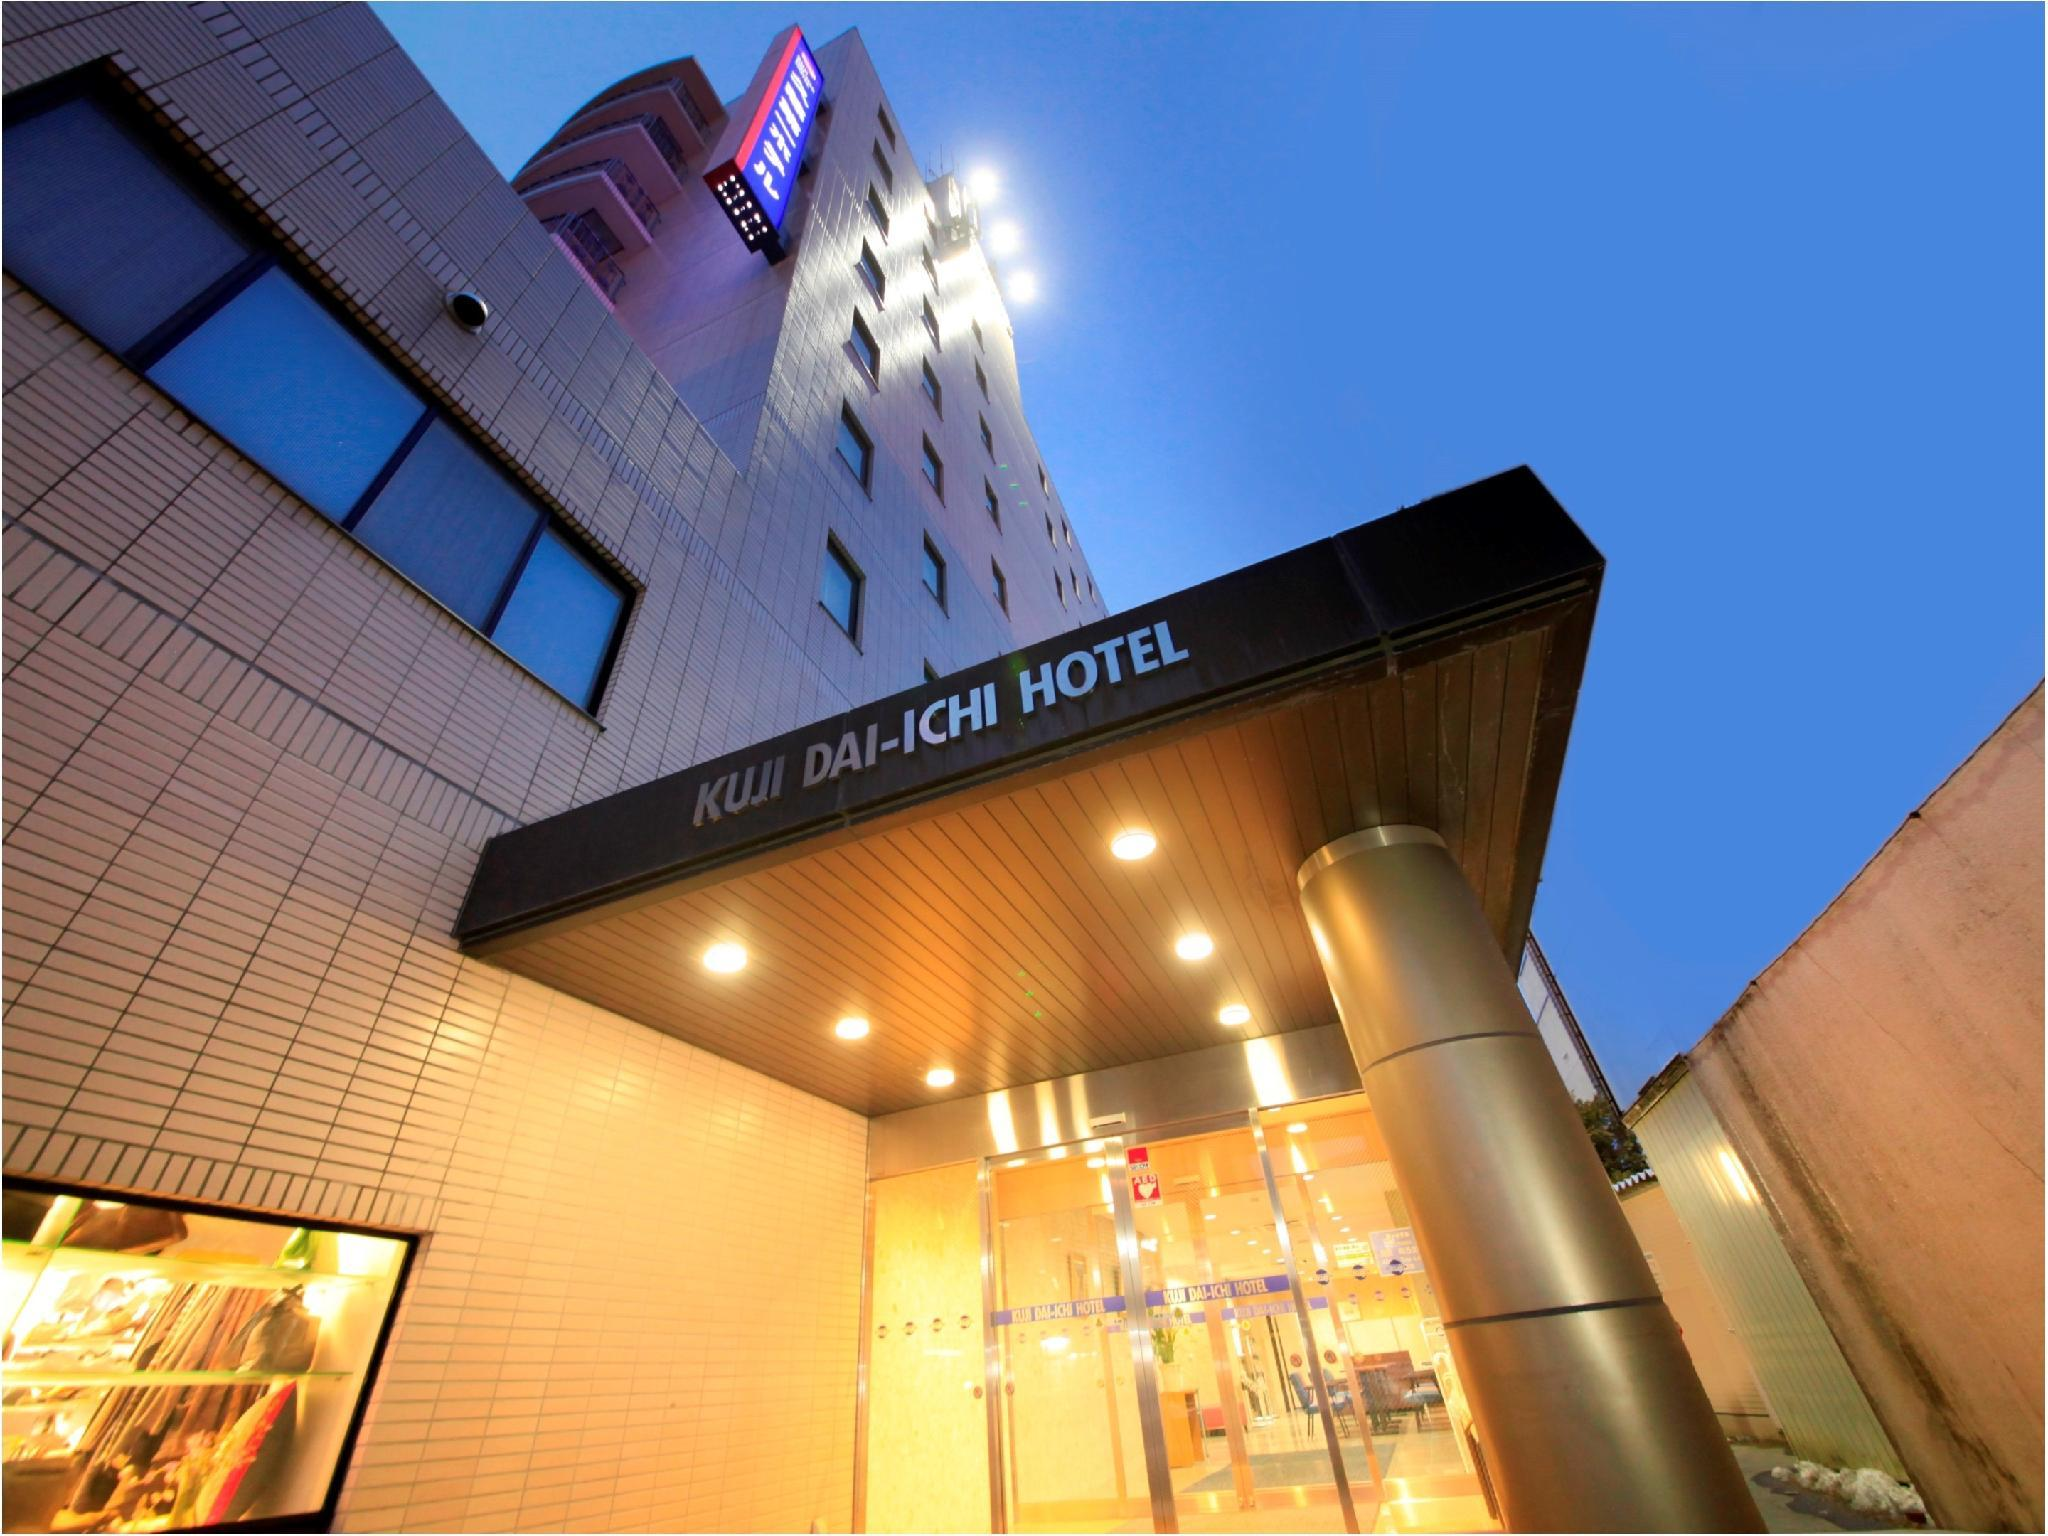 Kuji Daiichi Hotel